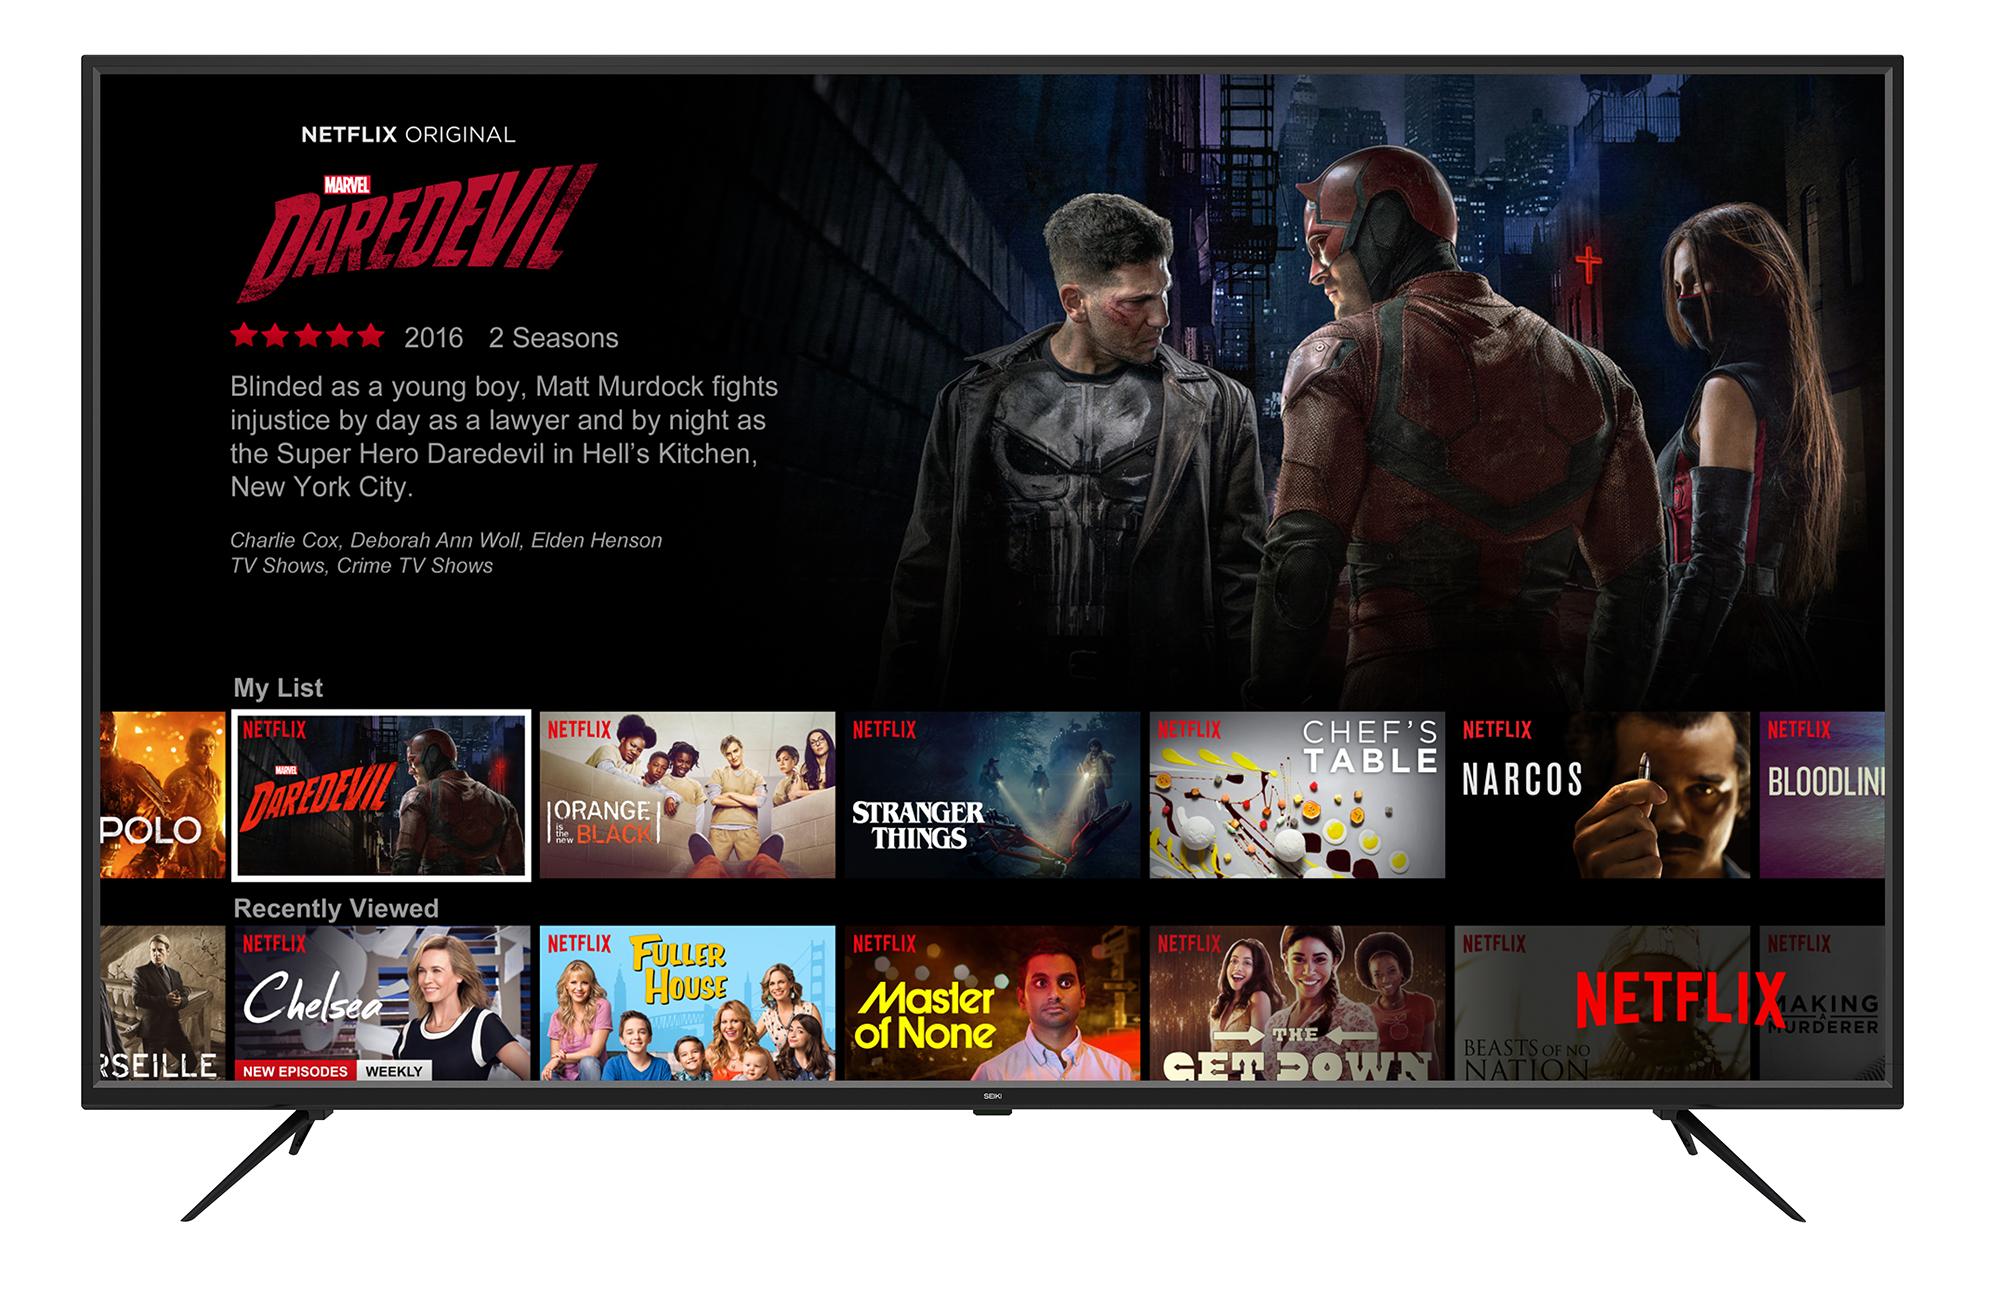 SC6500US - 1 - Netflix